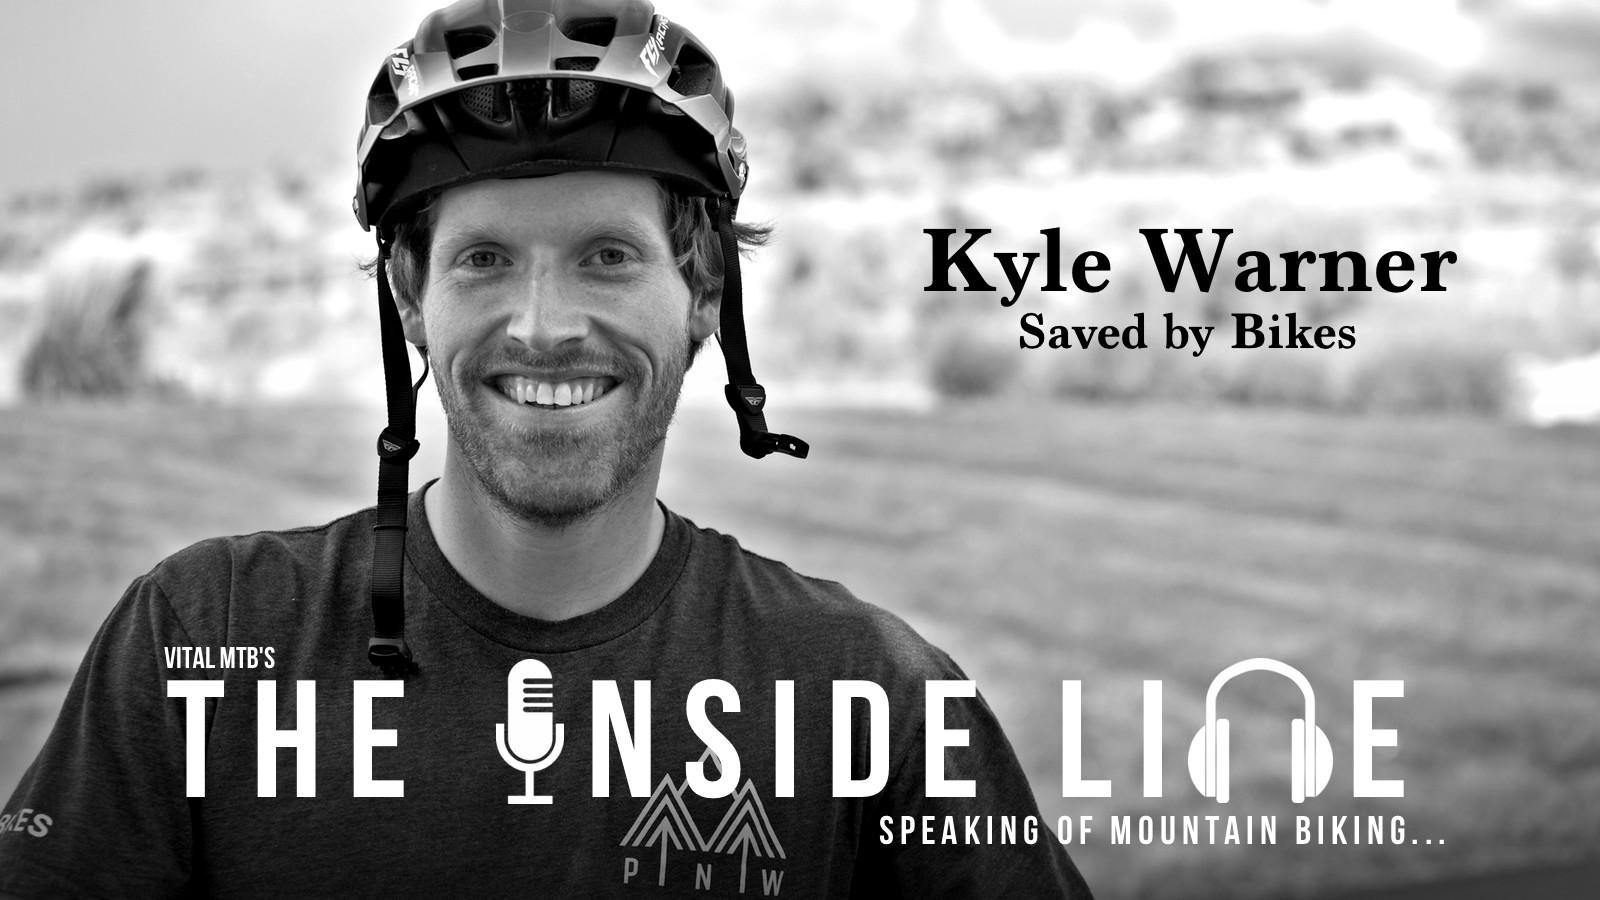 The Inside Line Podcast - Kyle Warner